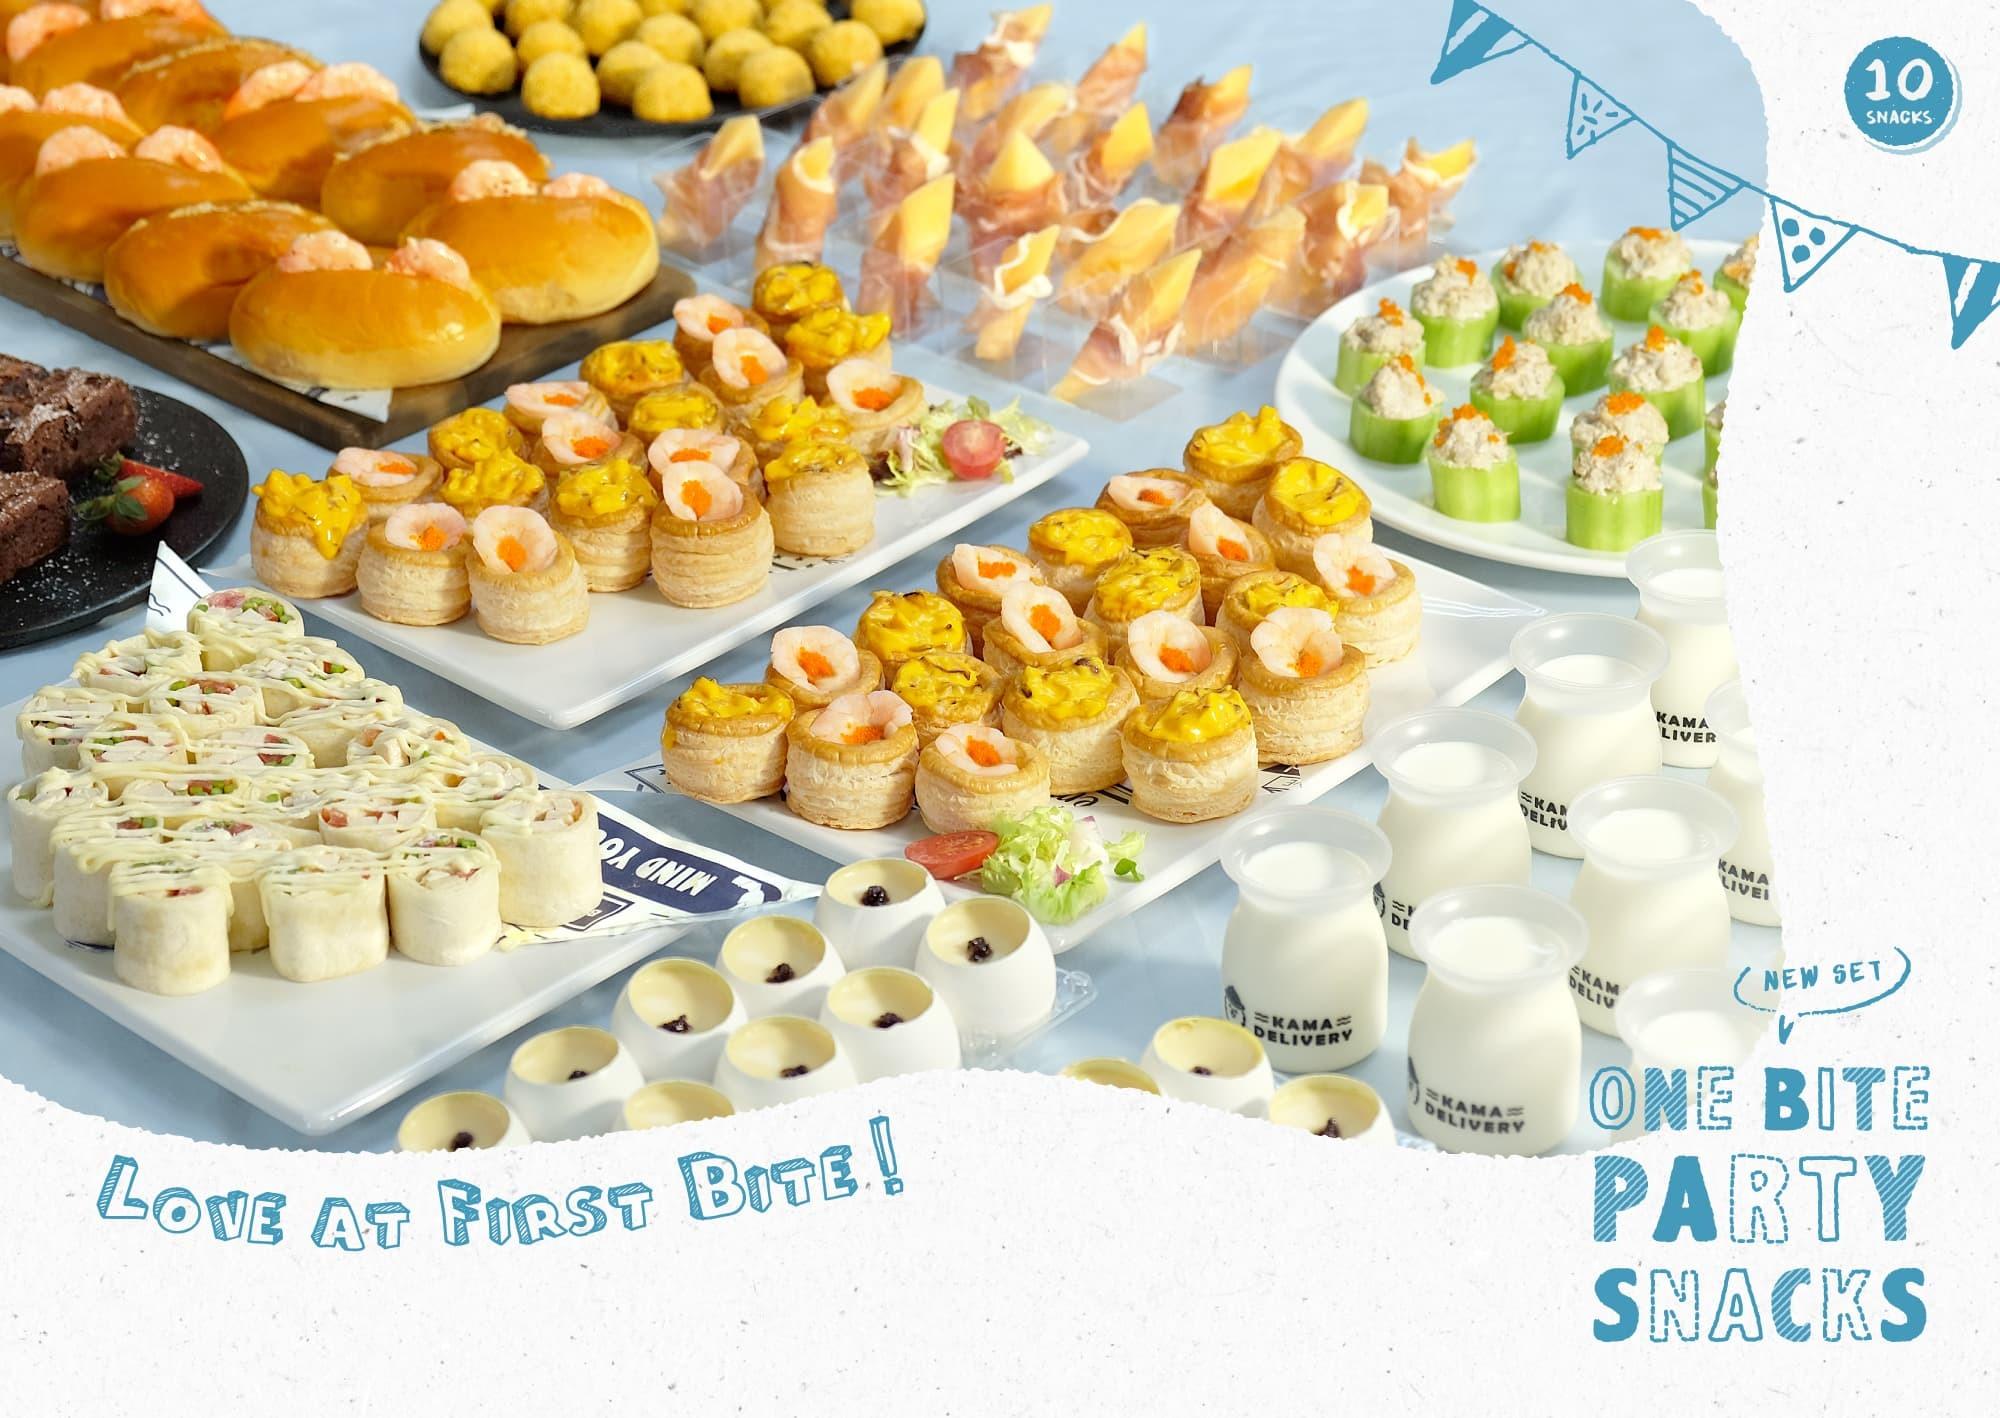 69人外賣套餐訂購|Kama Delivery炮製的一口派對小食Set適合在私人婚禮、晚會、百日宴、Teatime、座談會、店舖開張、演講會、企業簡介會、公司講座、辦公室會議、慶功宴、員工午膳等場合享用。